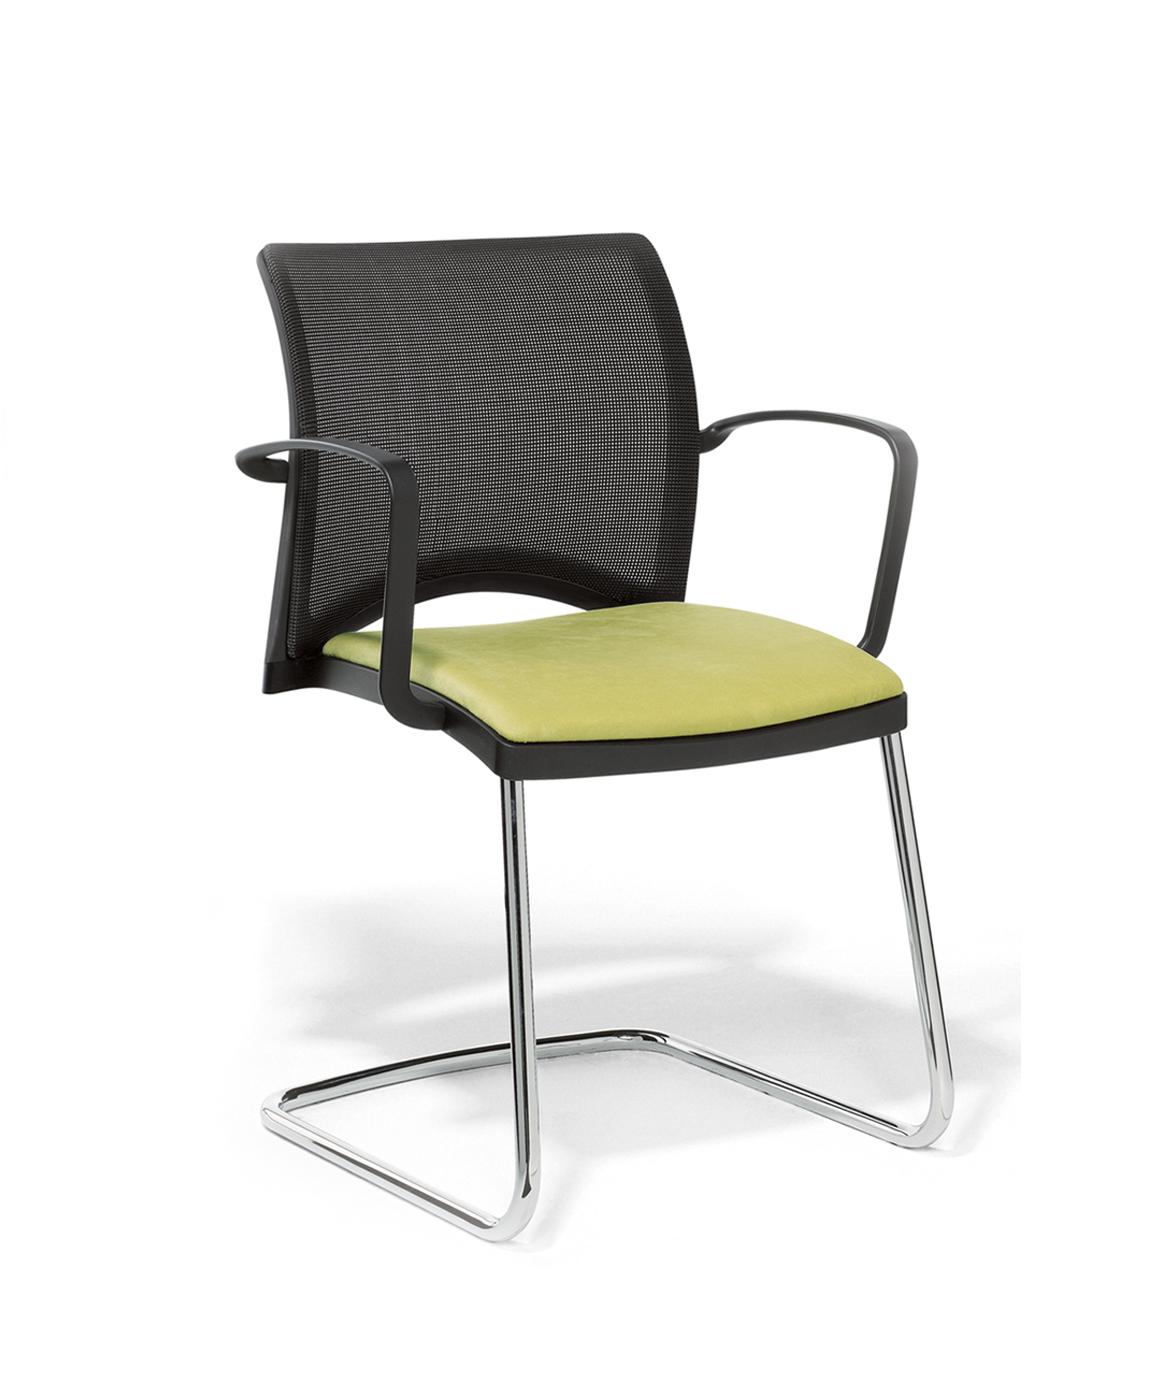 viasit linea freischwinger mit netzr cken online kaufen. Black Bedroom Furniture Sets. Home Design Ideas